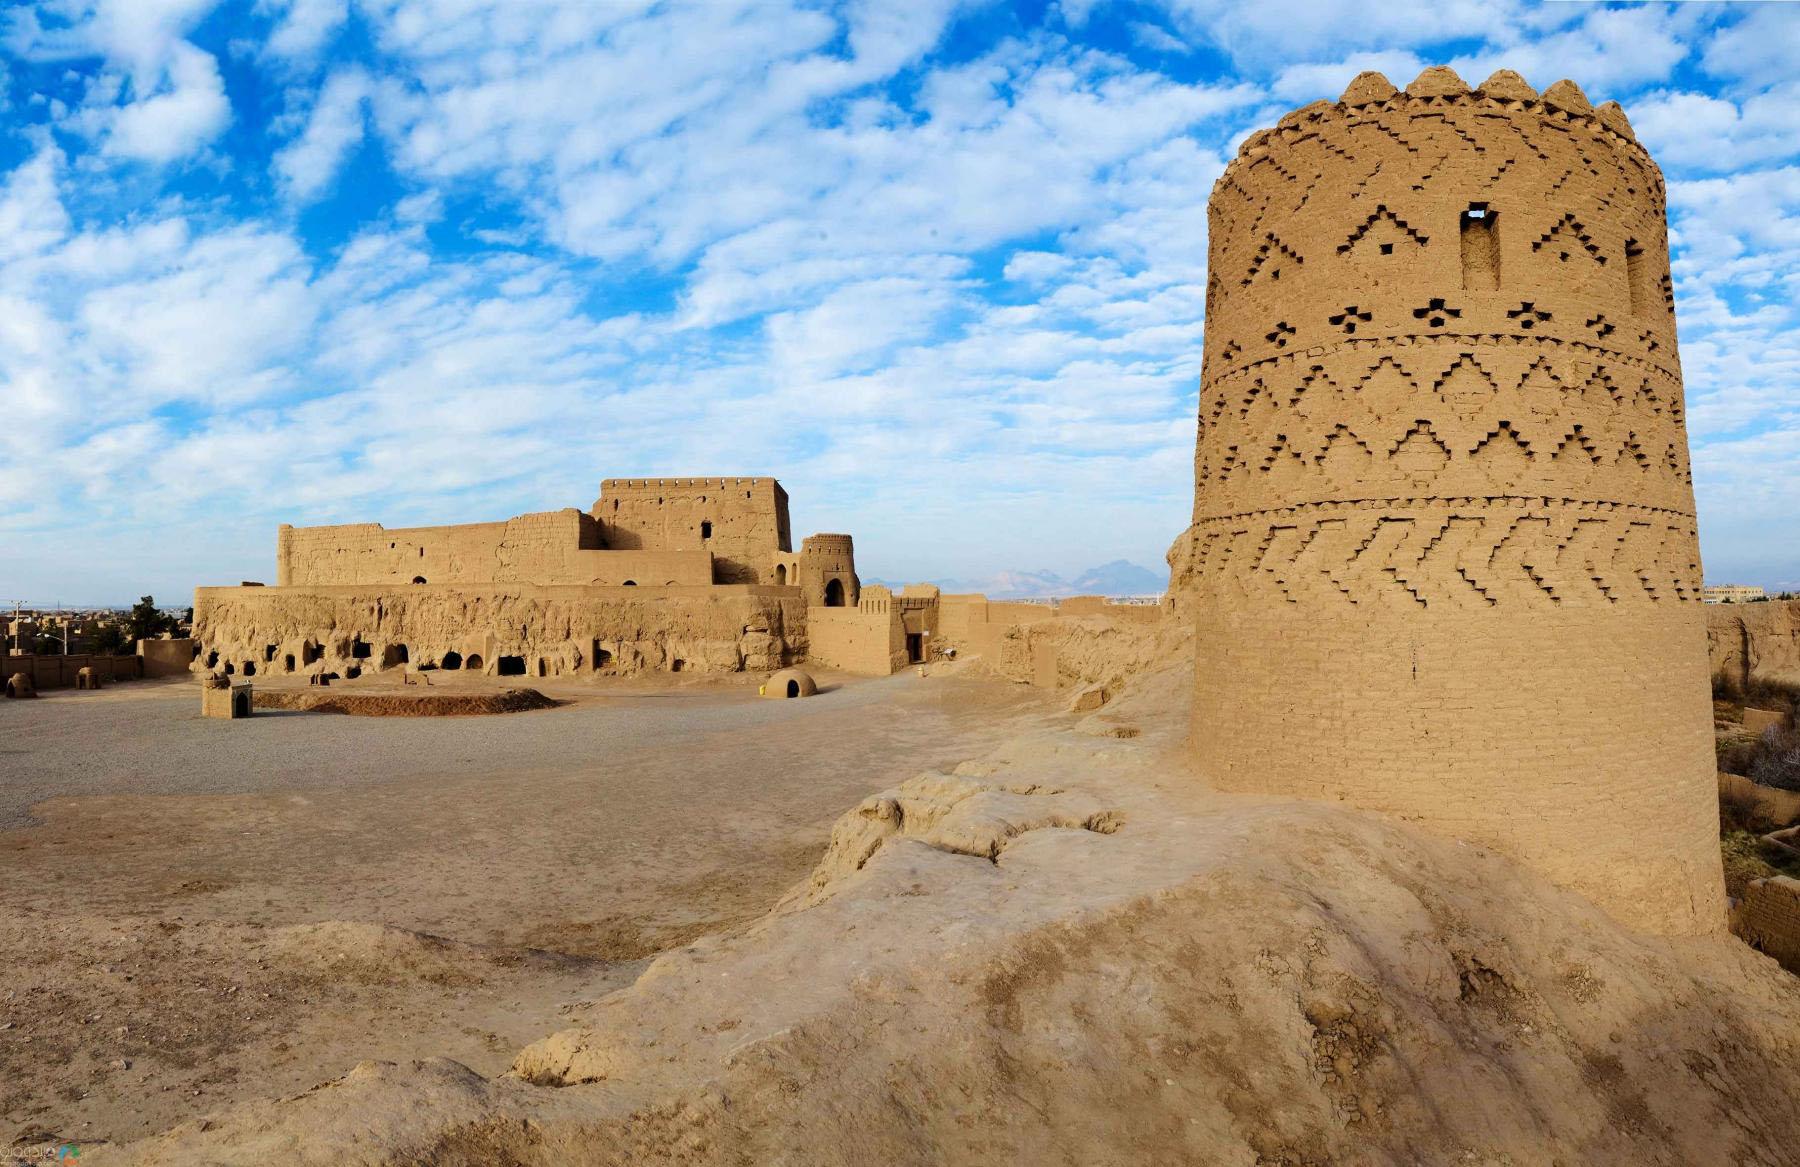 میبد یزد،جاذبه های گردشگری و دیدنی استان یزد - دوباره سفر